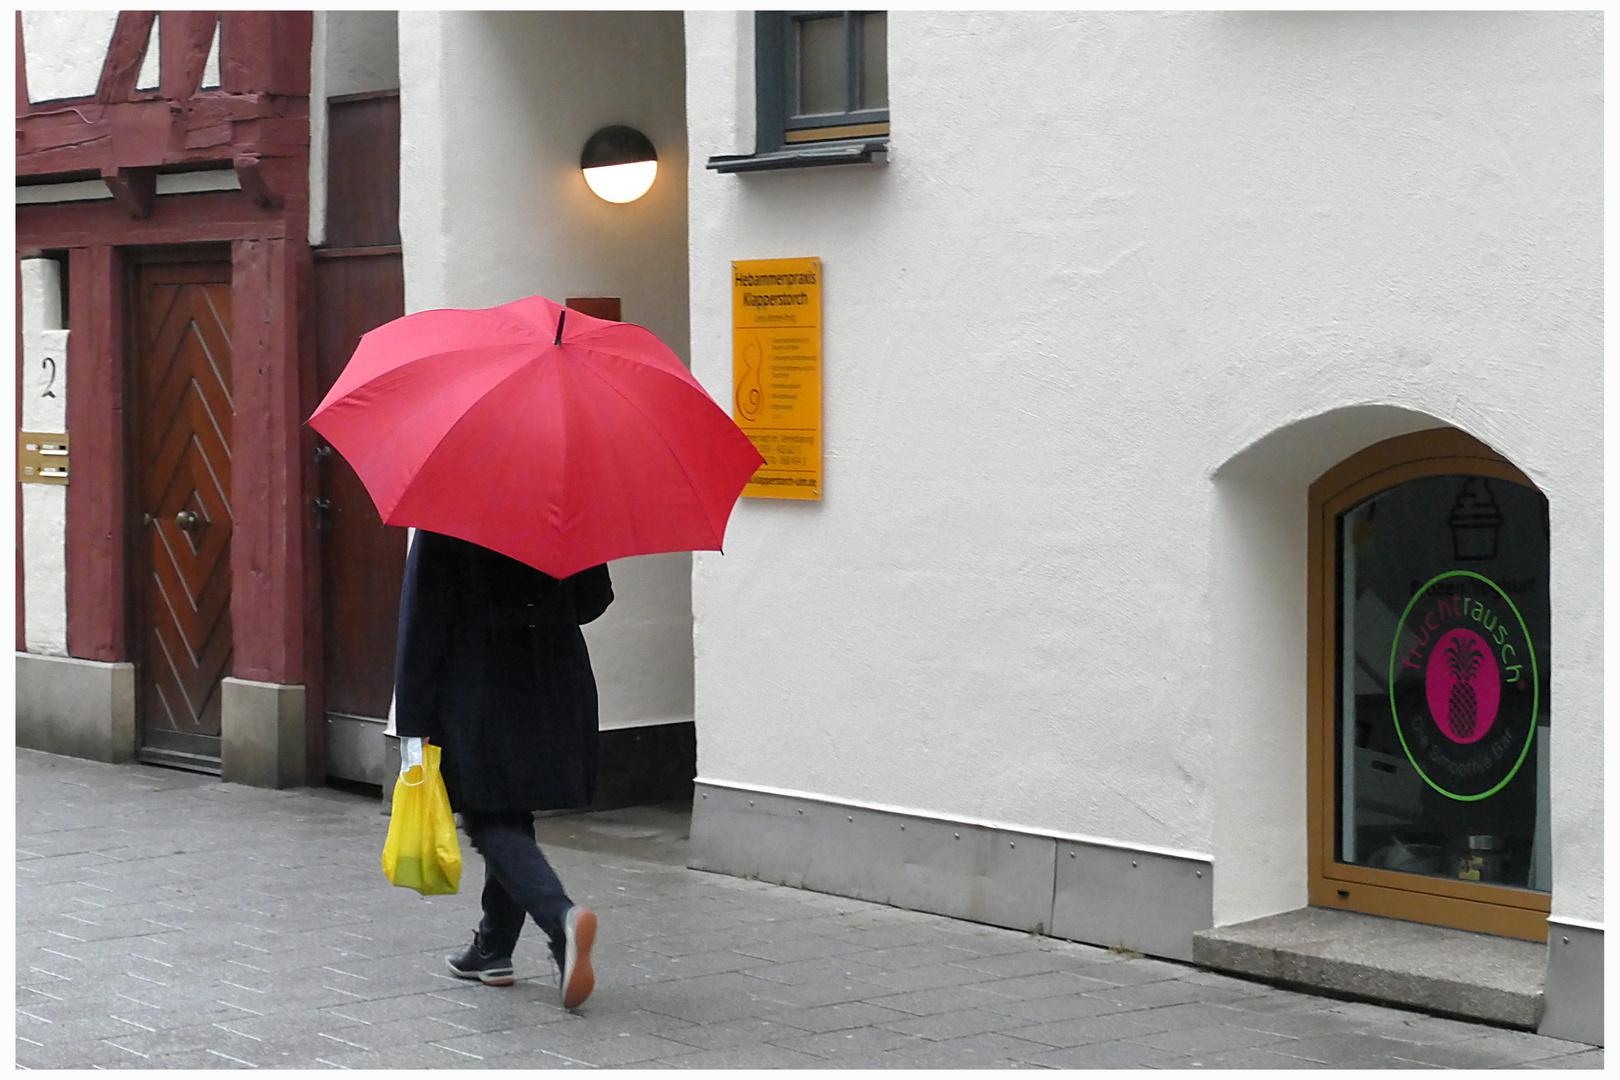 Roter Schirm und gelbe Tüte